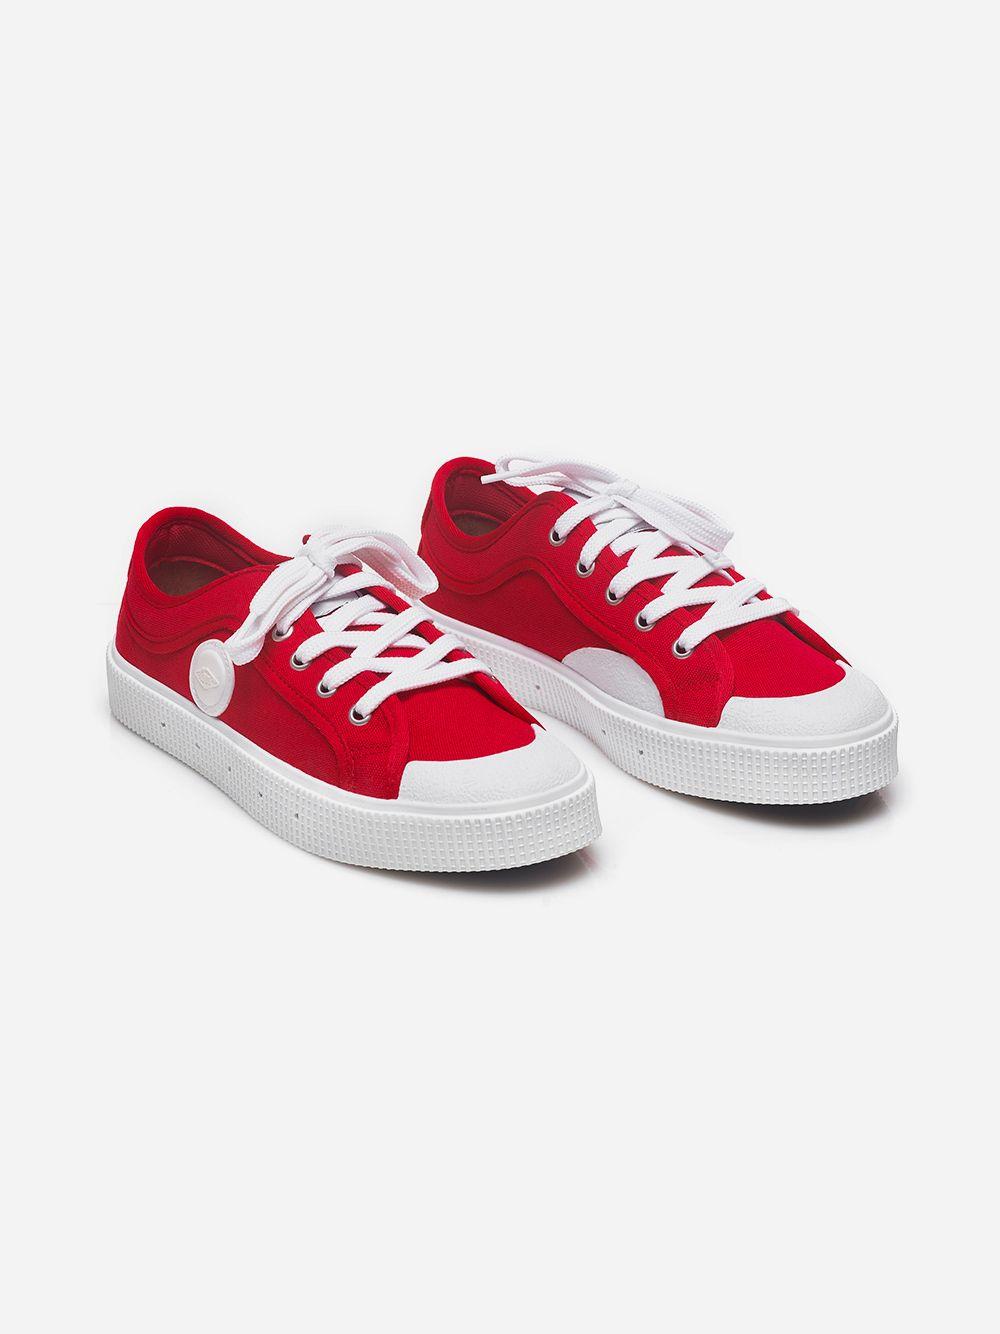 Red K200 Sneakers   Sanjo